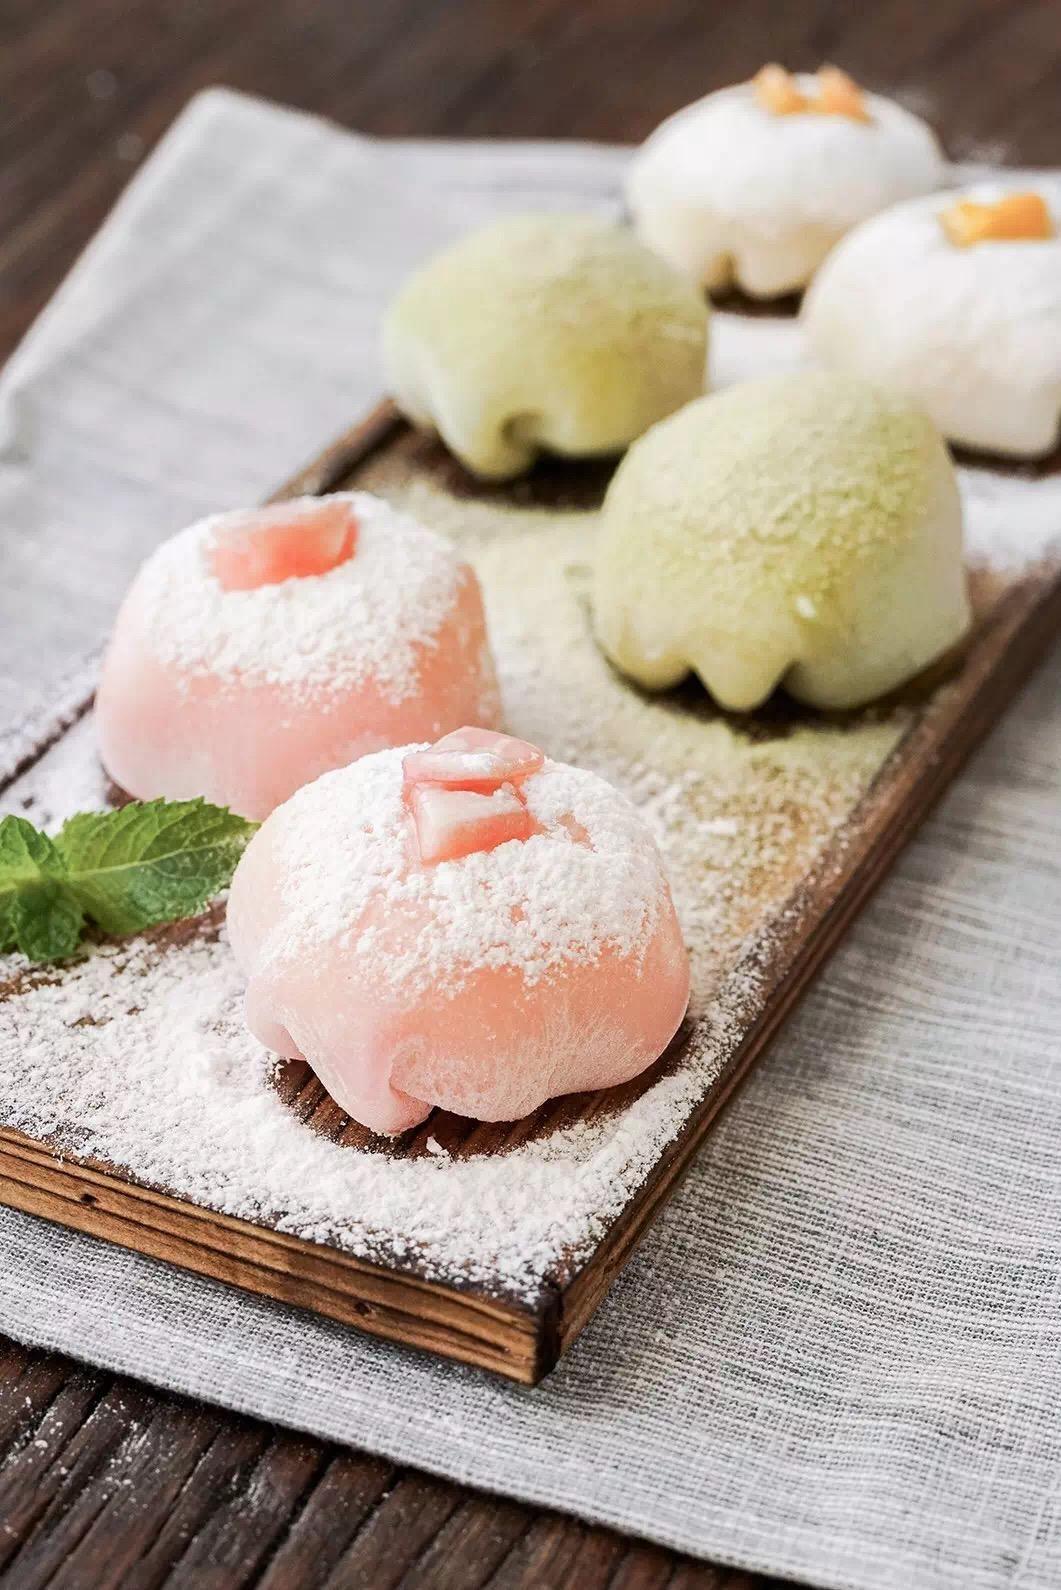 国内外有哪些好看的美食节目?-知乎规划图上海浦东新区图片